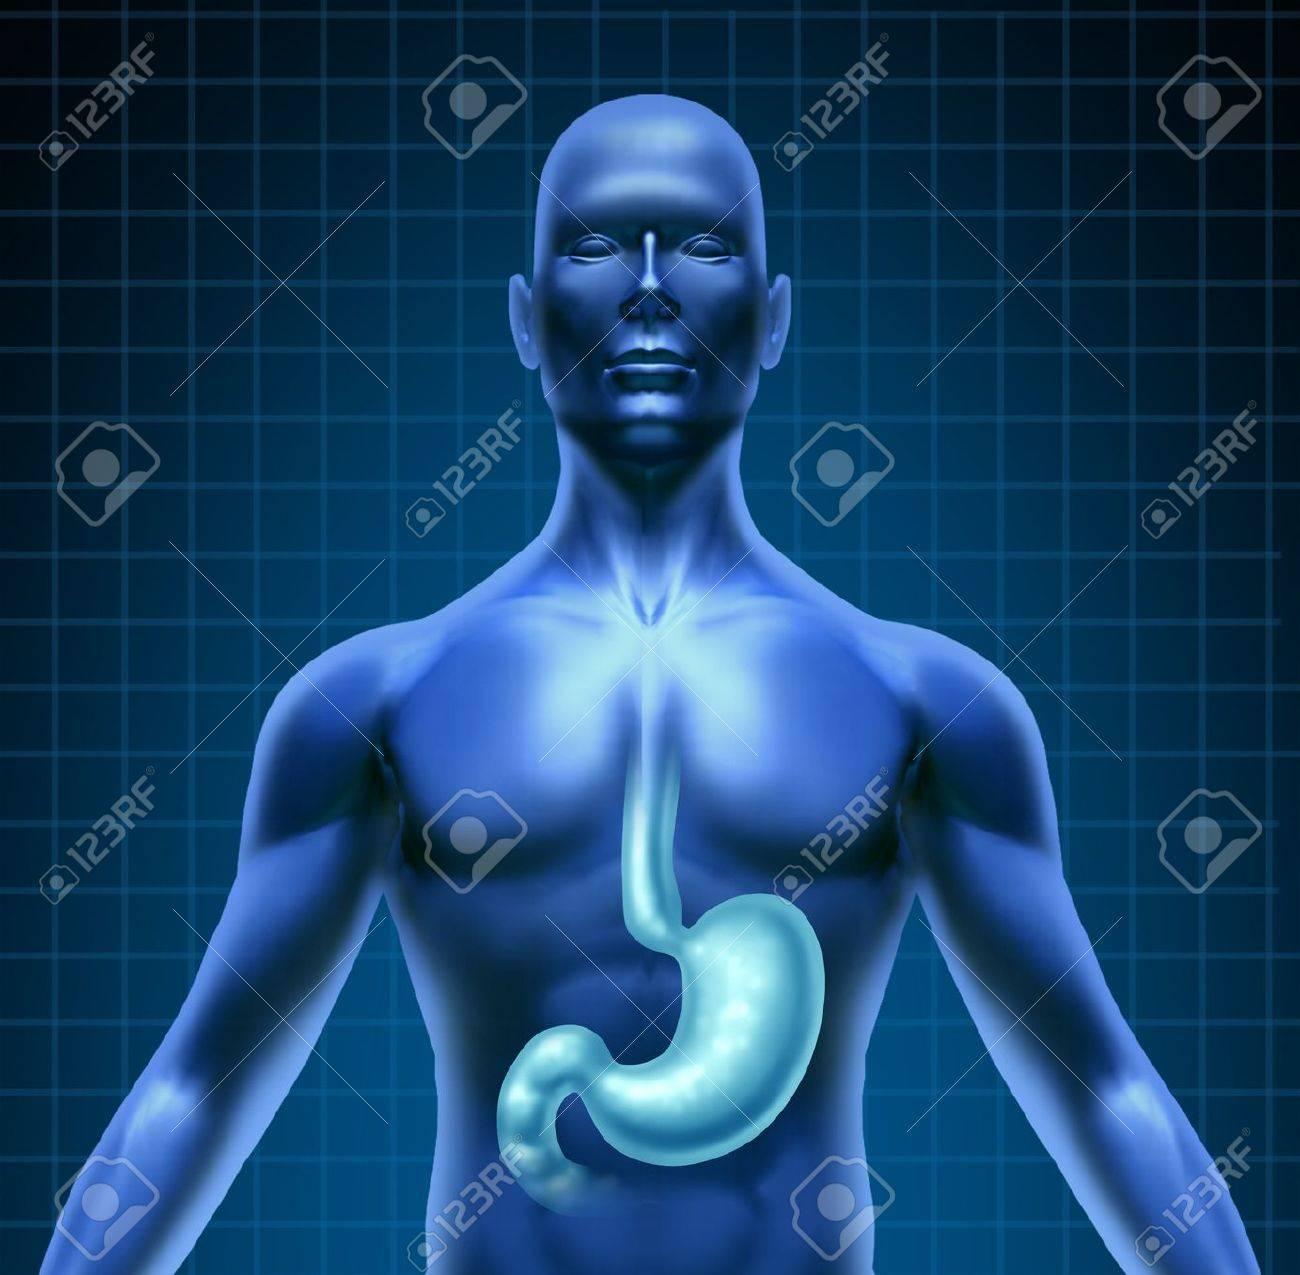 Estómago Y La Digestión Humana Con Un Diagrama De Médico De La Parte ...